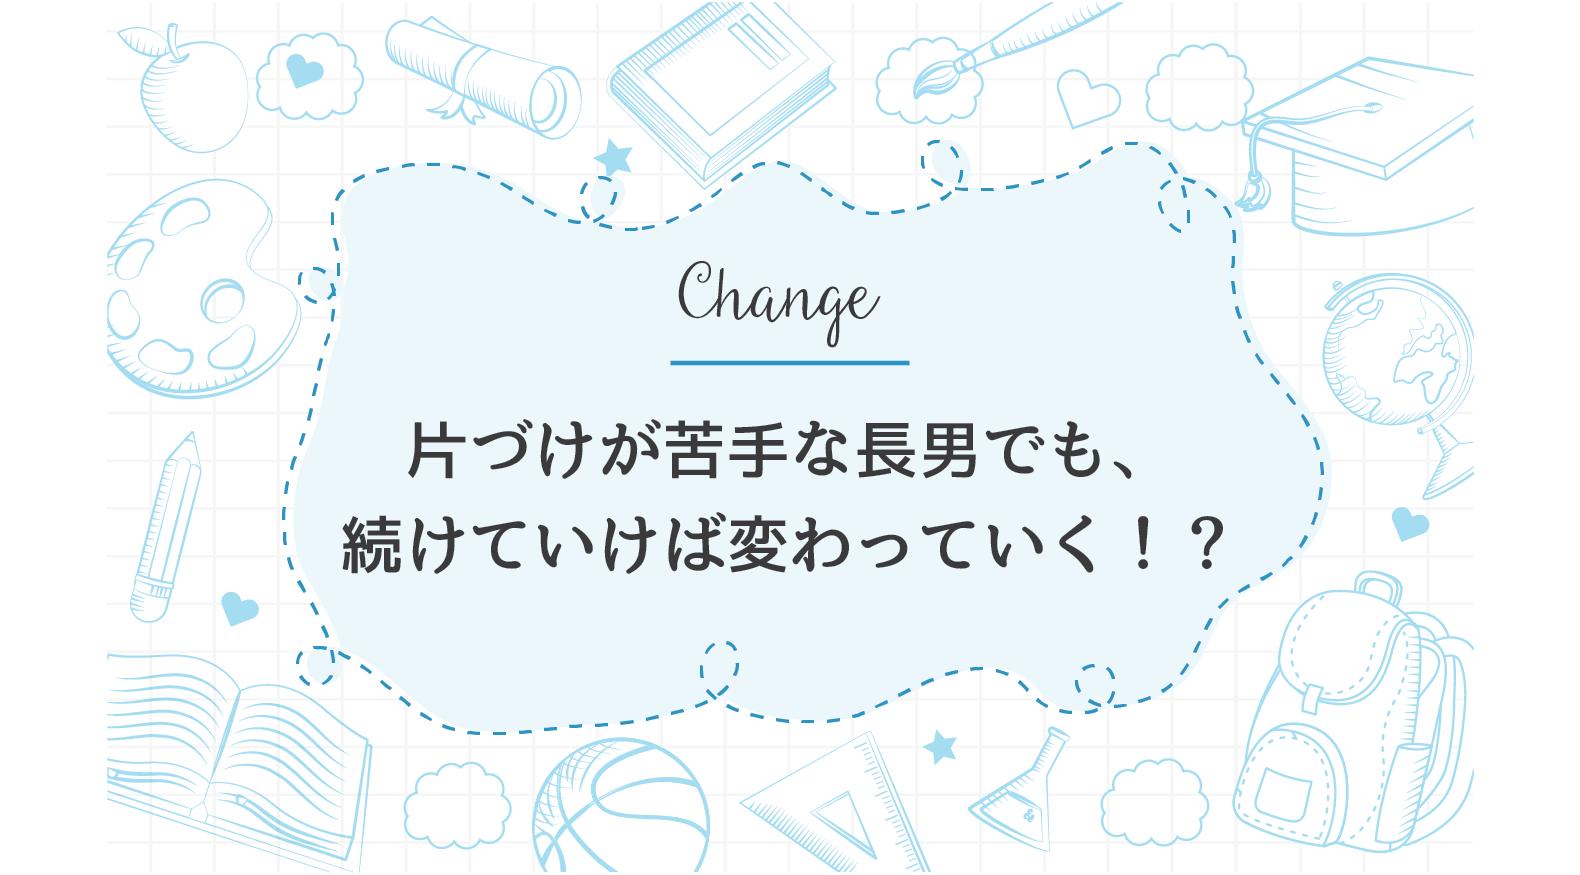 K.cafe Change~片づけが苦手な長男でも、続けていけば変わっていく!?